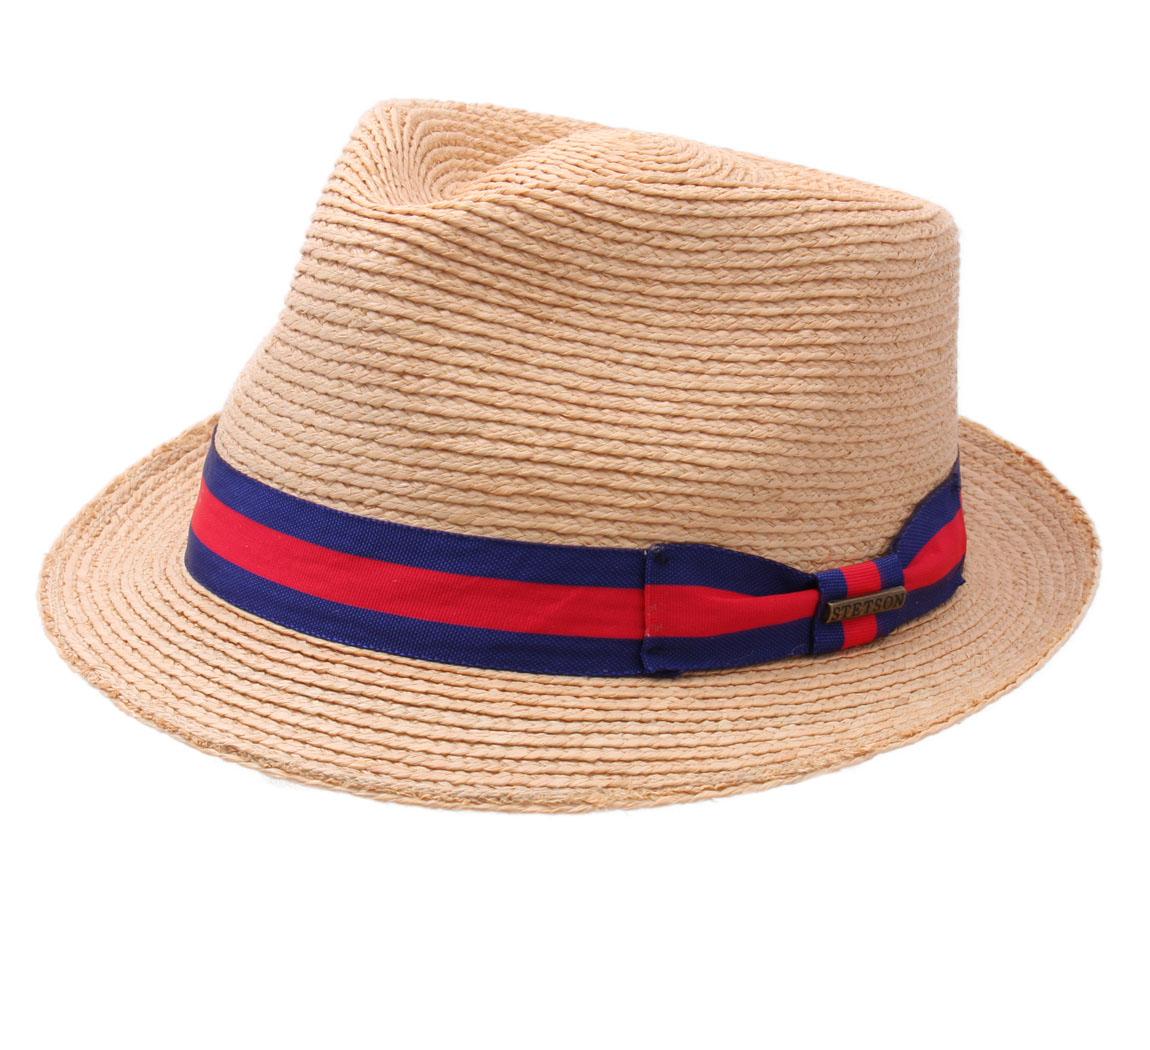 Marrero Raffia - Hats Stetson 7f162c16ed8